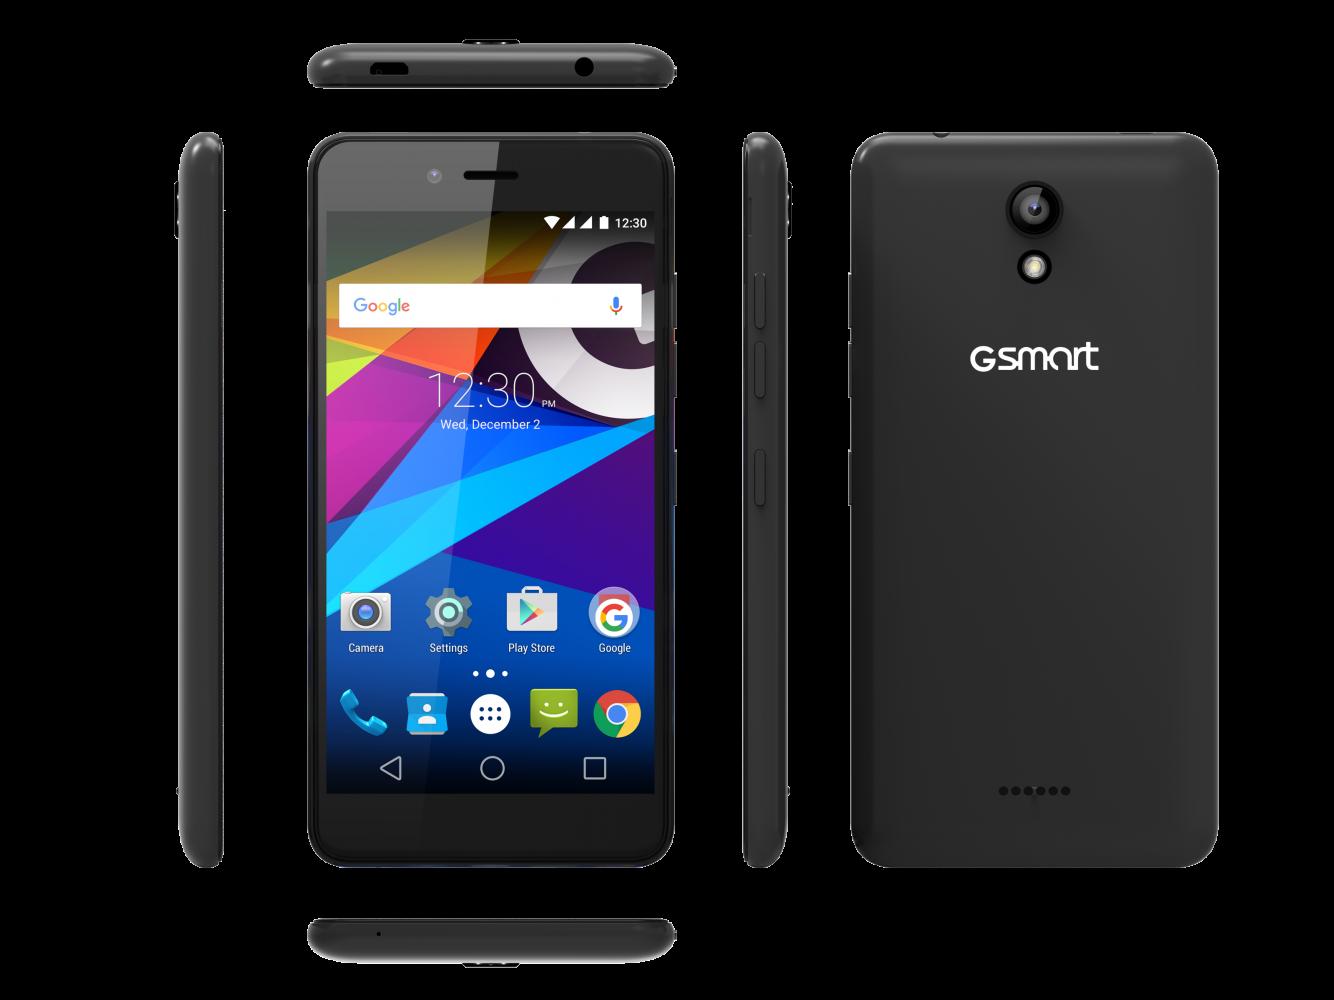 Мобильный телефон Gsmart Classic Joy Dual SIM Black - 2